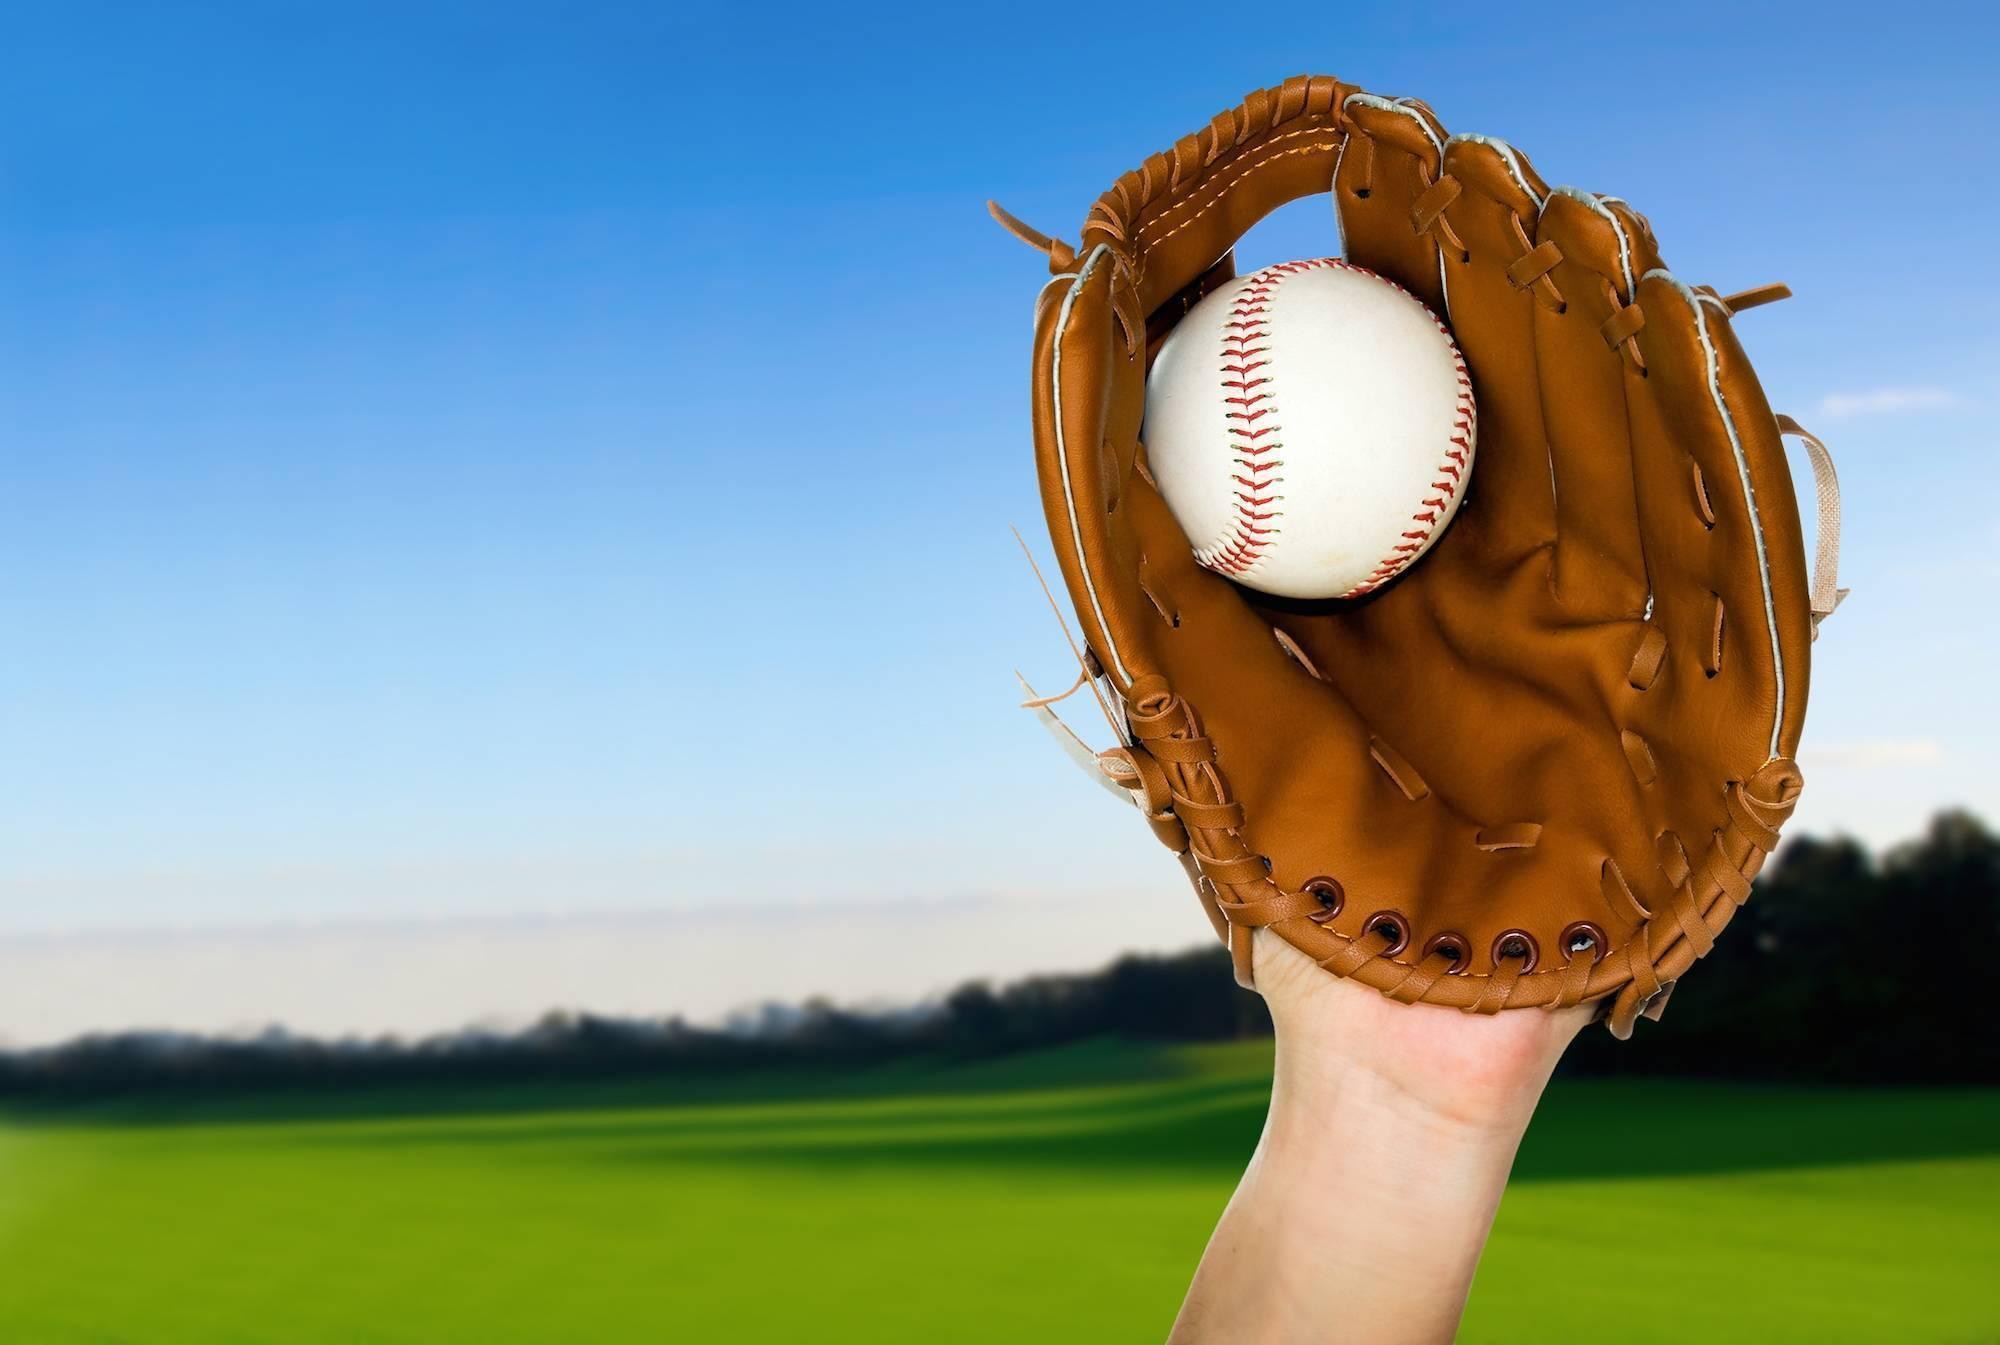 9fe06c0b5afb67679e50_Baseball_4.jpg